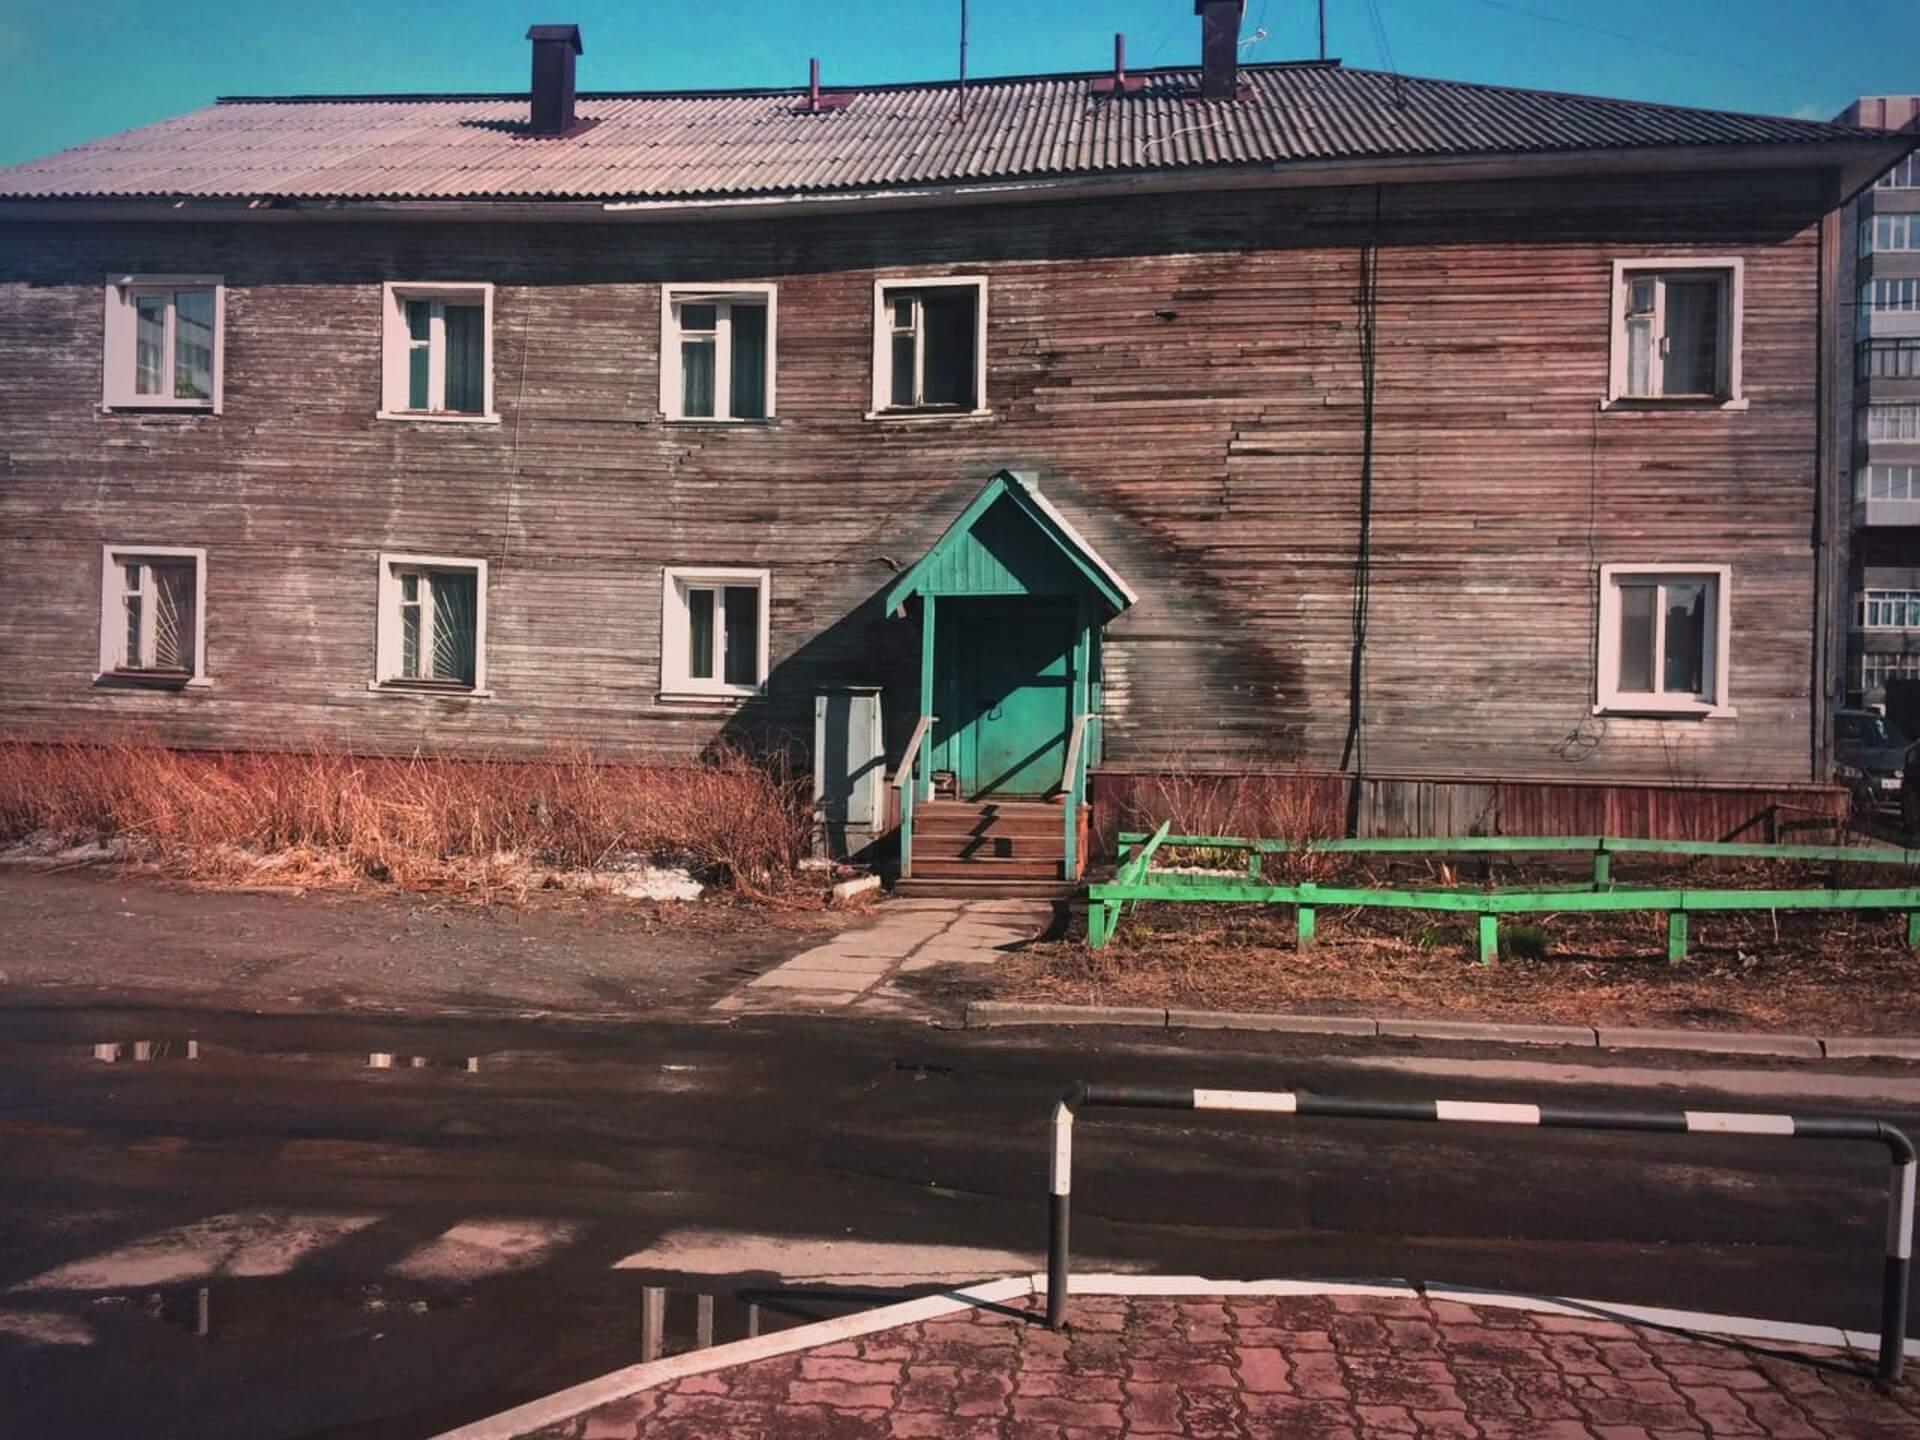 Список аварийных домов в Архангельске, распоряжения об изъятии.